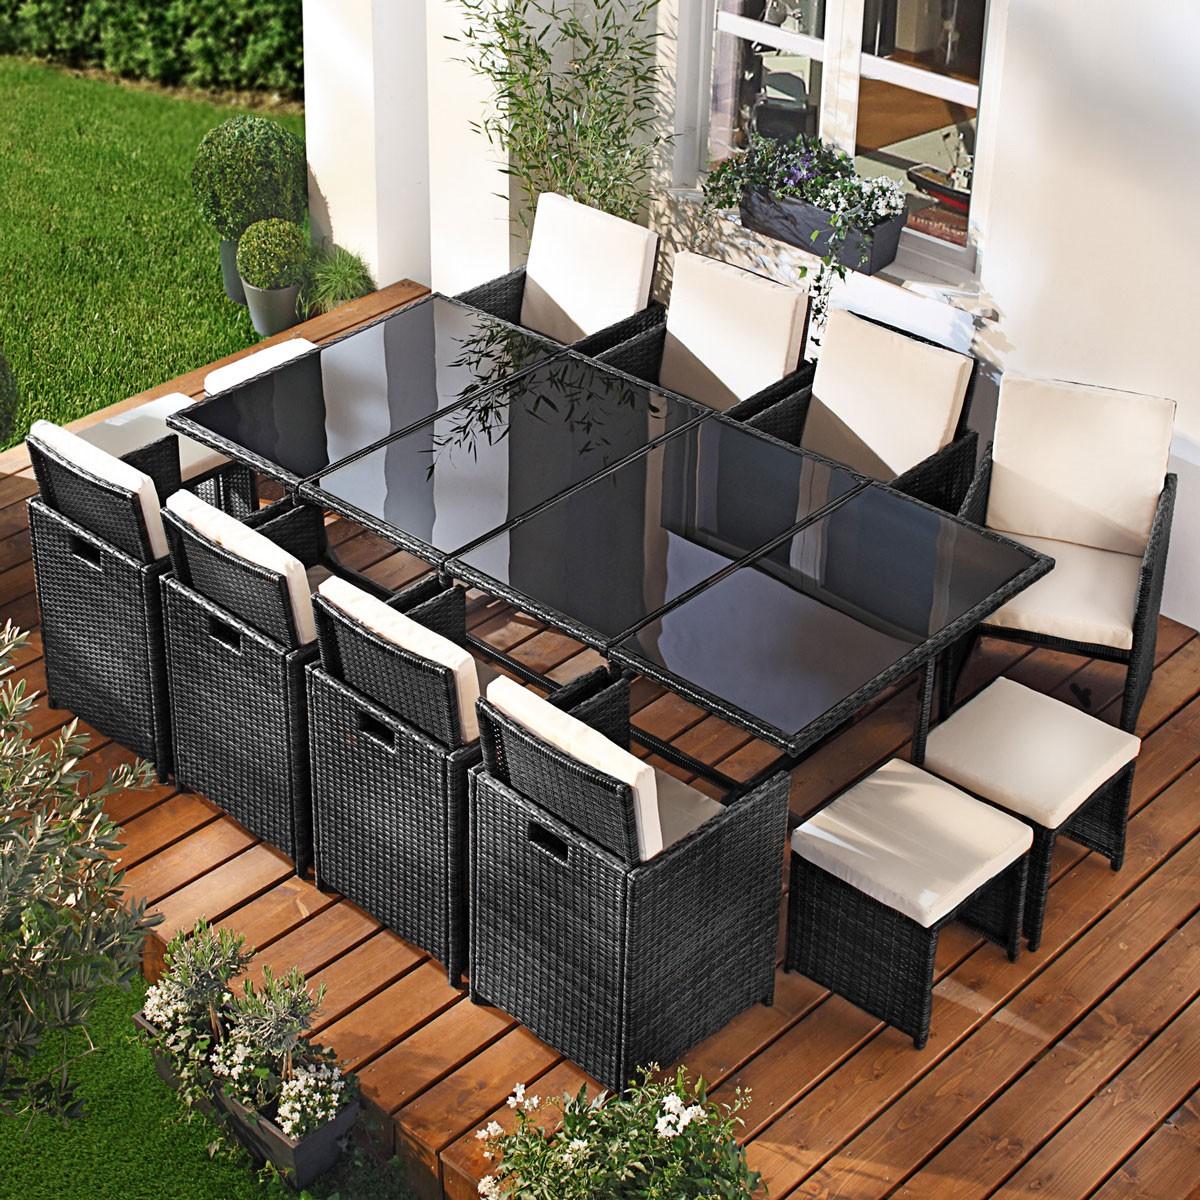 polyrattan gartenm belset camouflage 13tlg schwarz. Black Bedroom Furniture Sets. Home Design Ideas